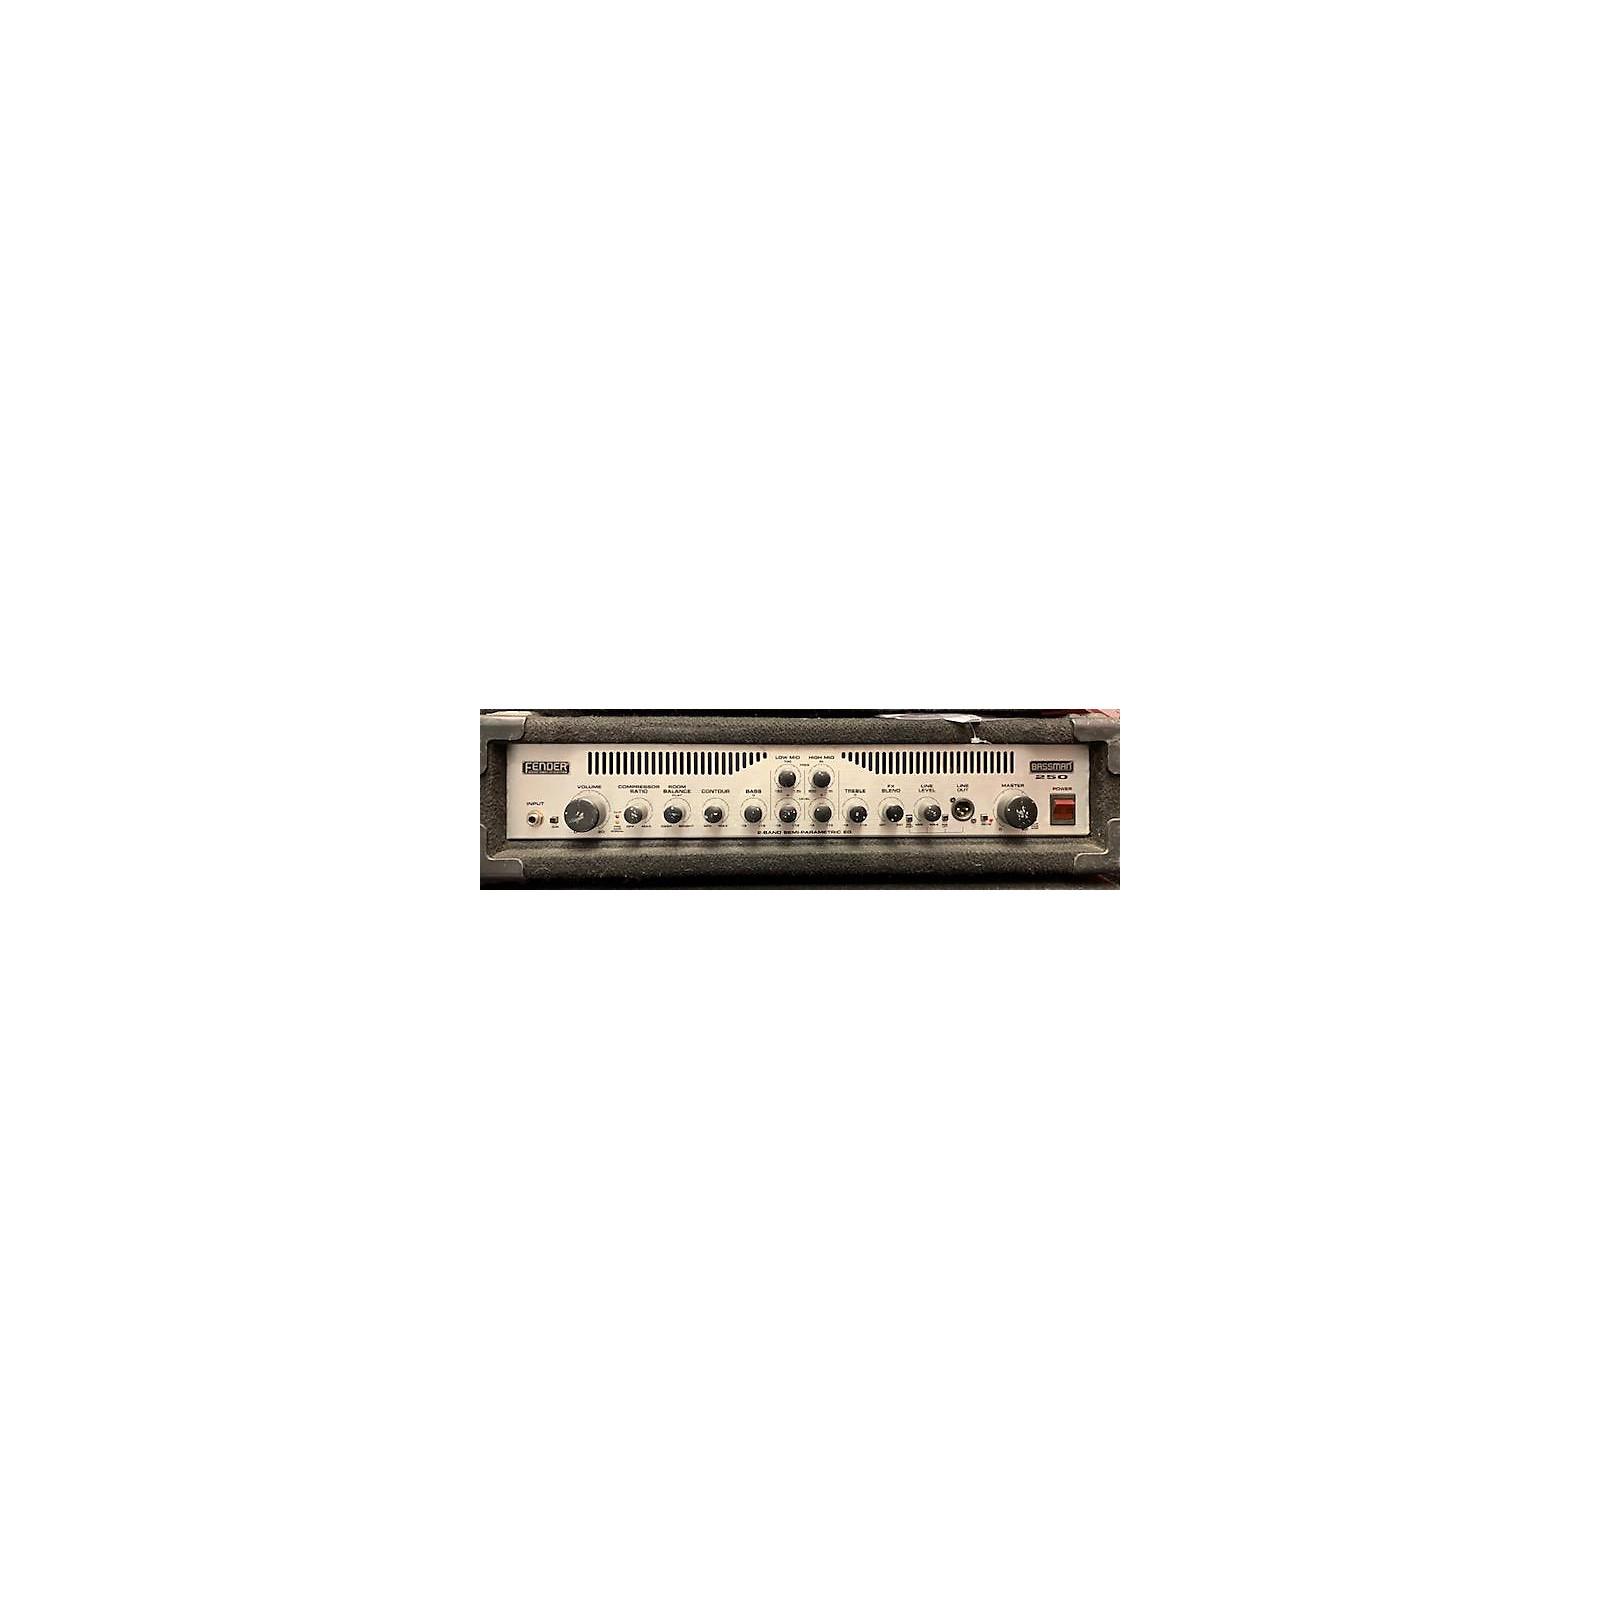 Fender BASSMAN 250 Bass Amp Head